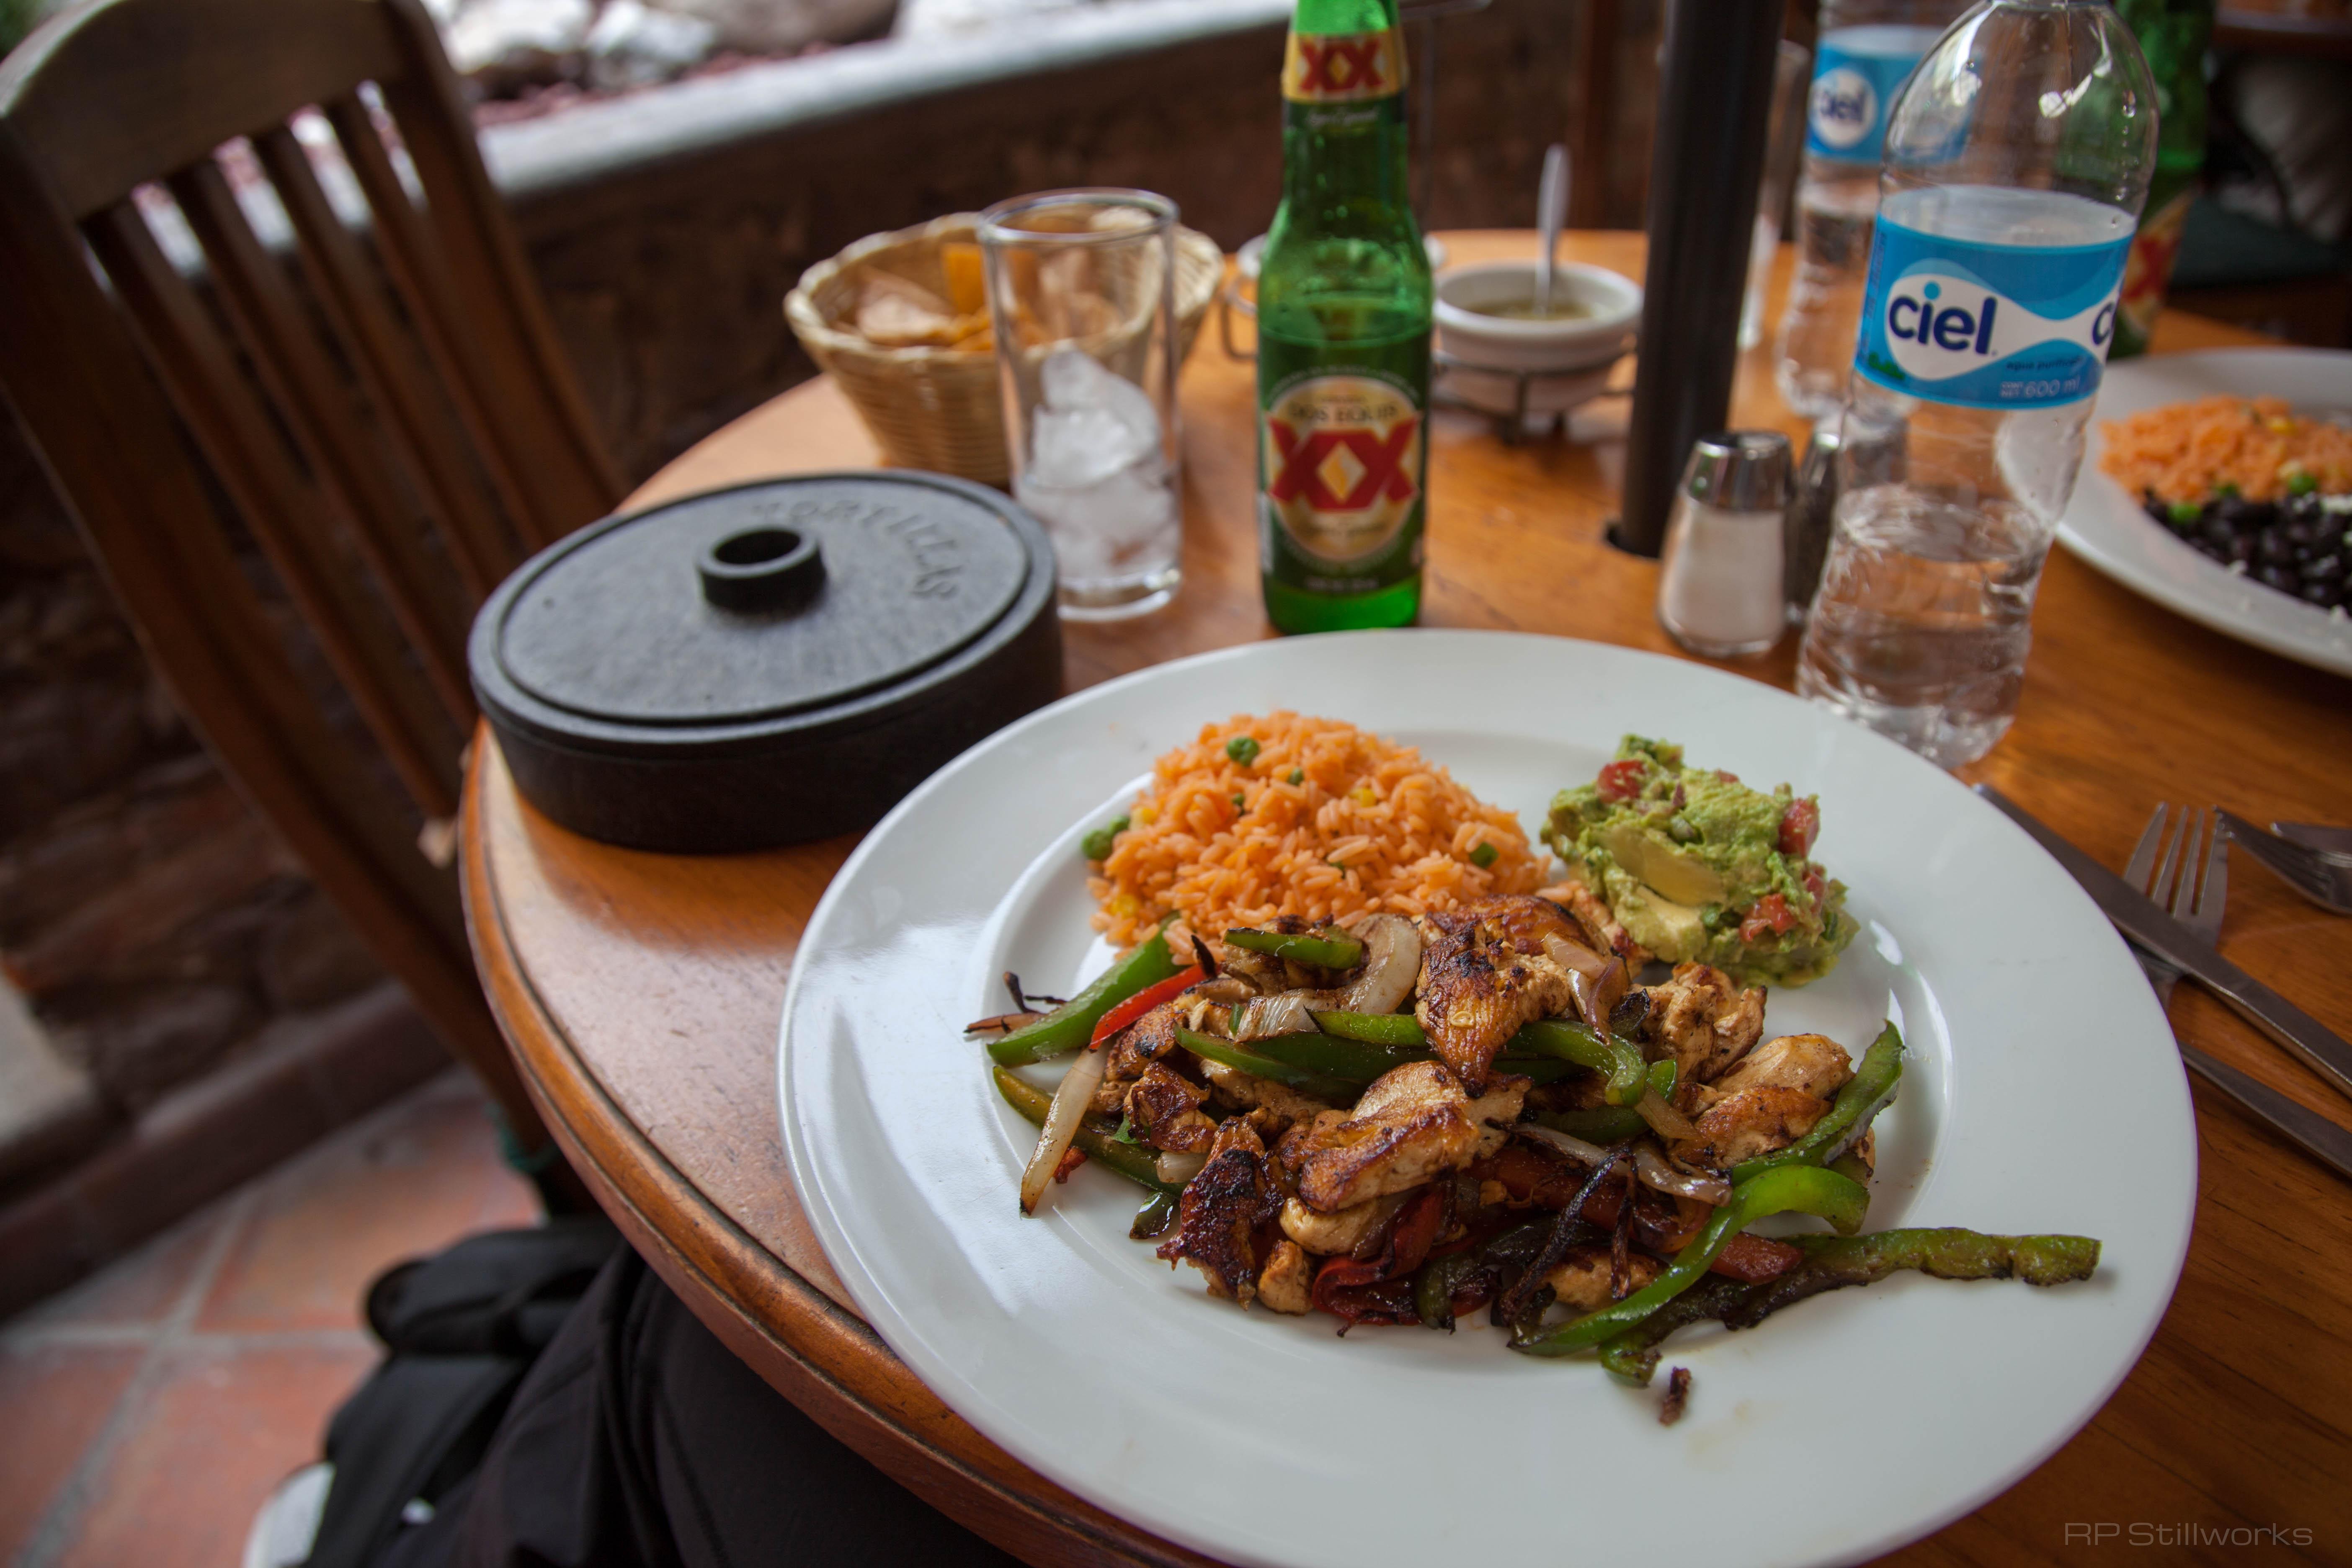 Hecho en Mexico's Chicken Fajitas